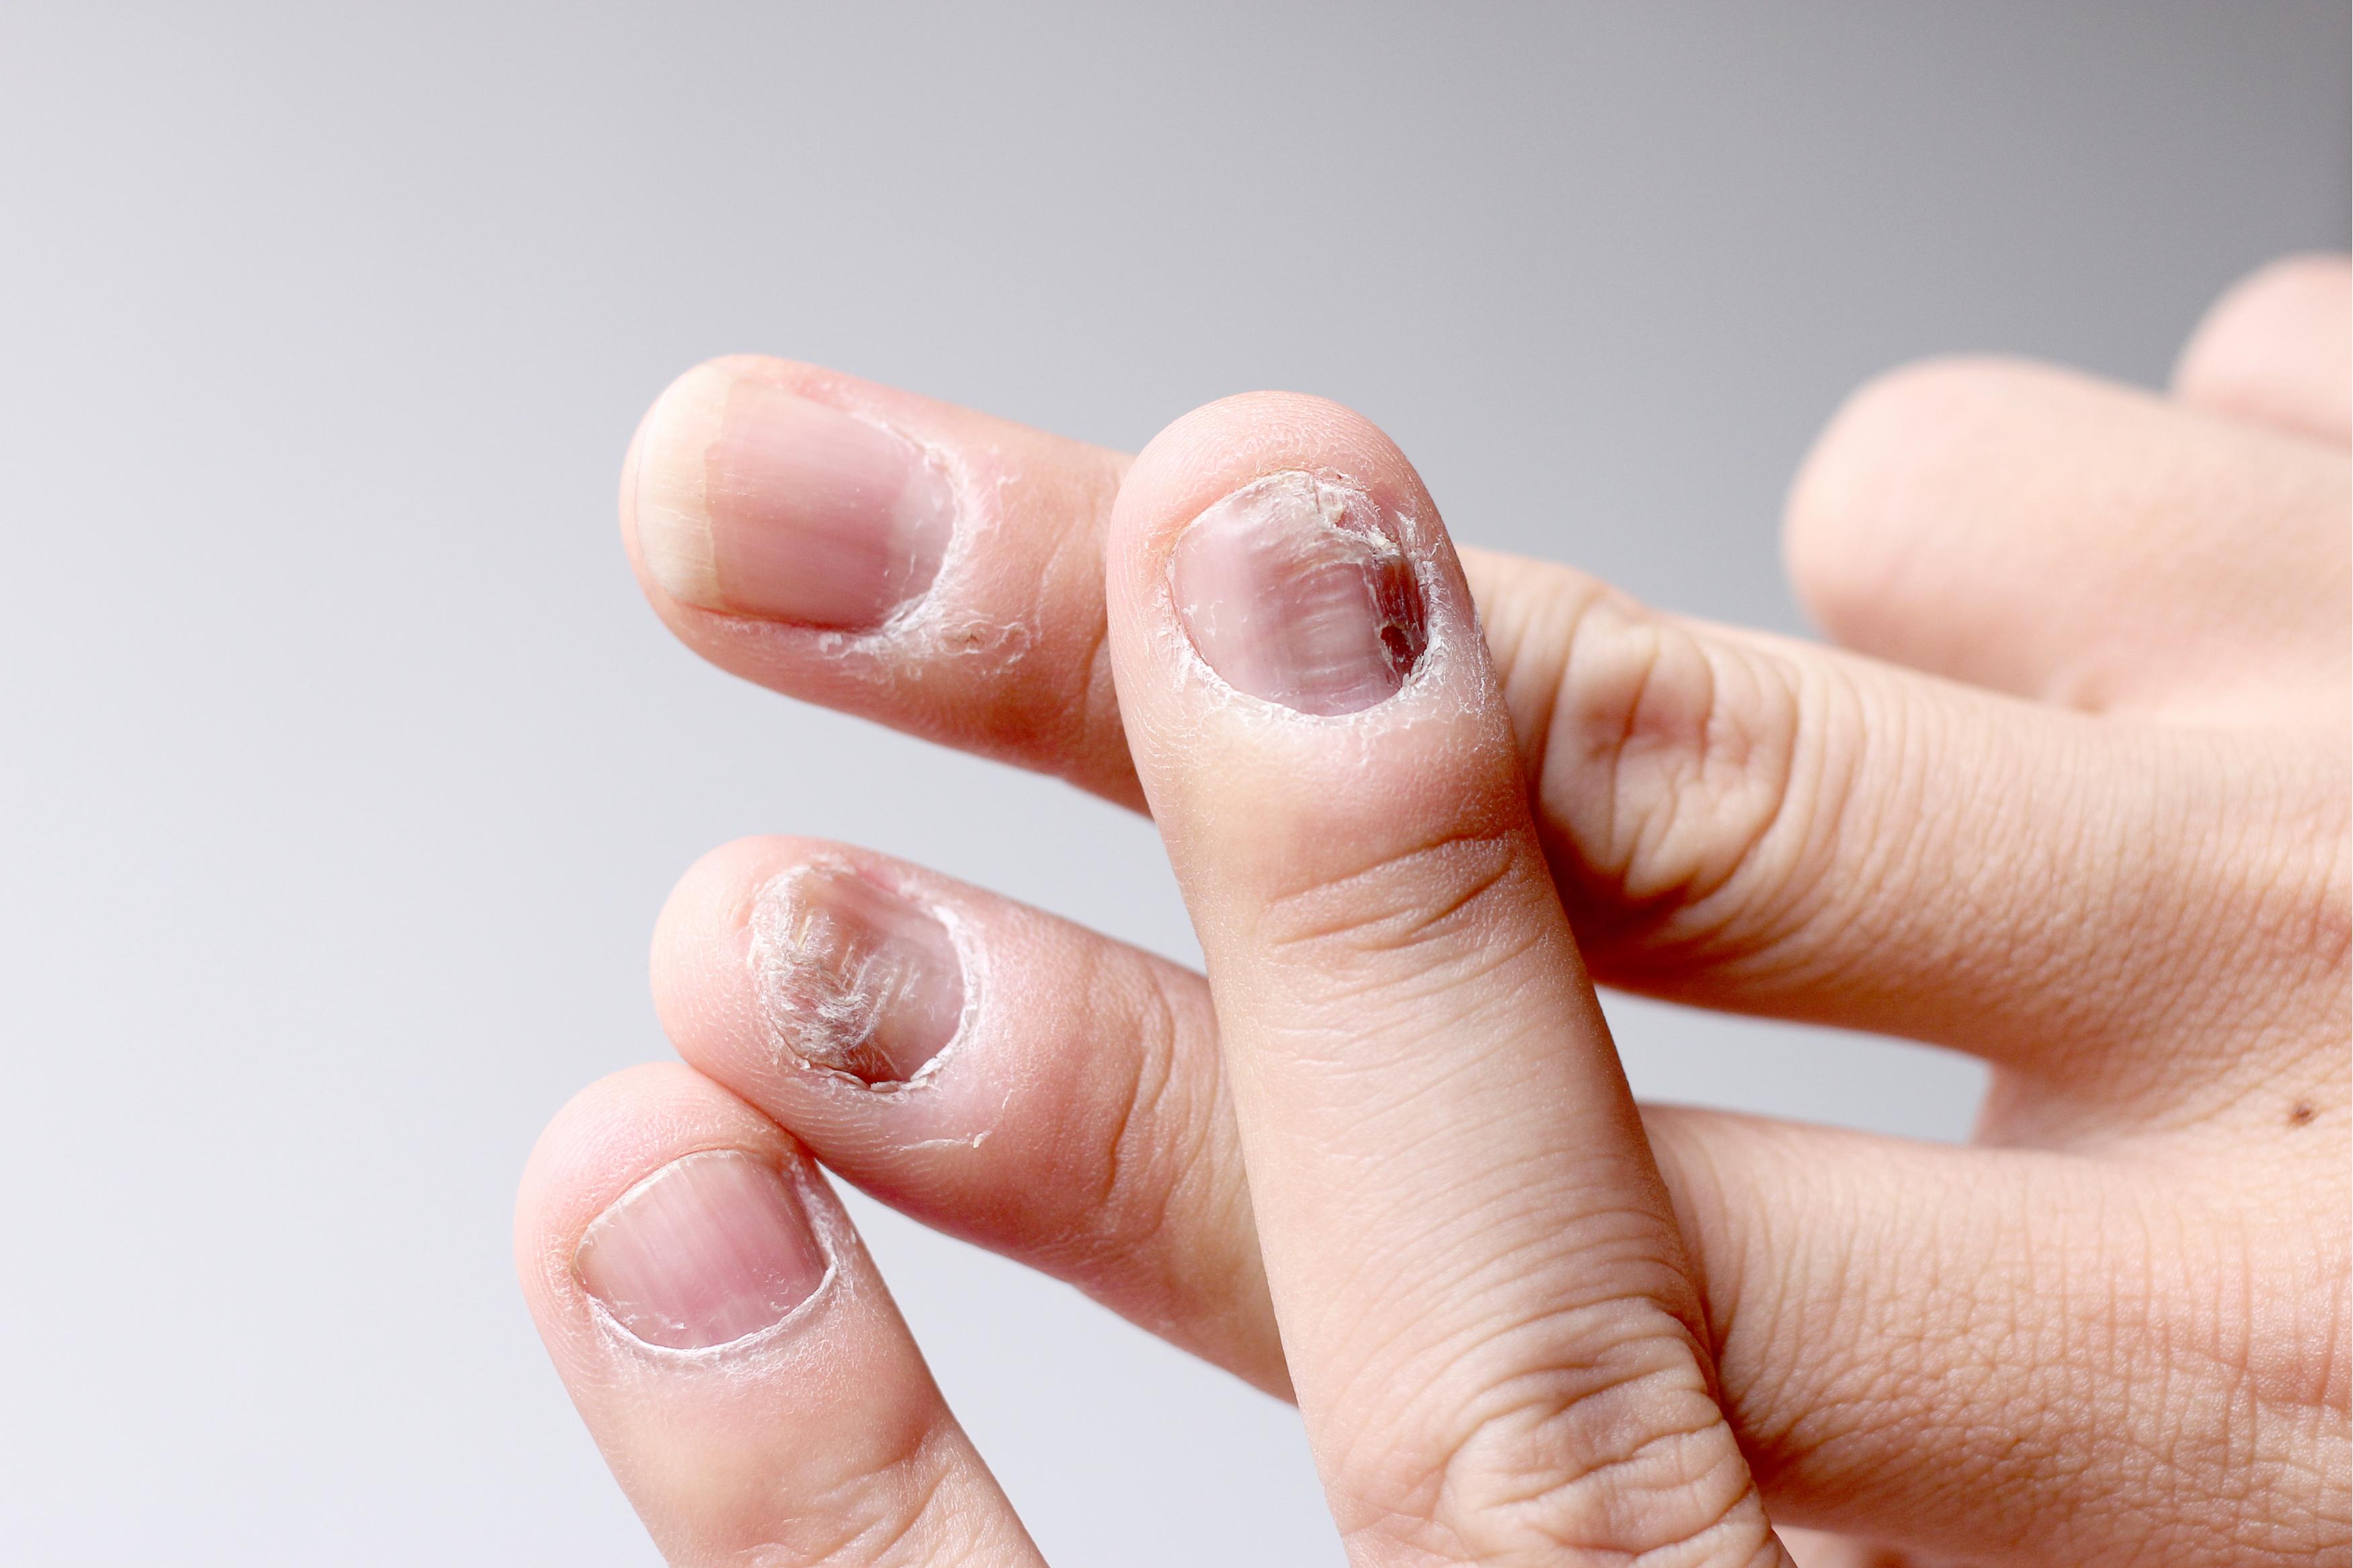 Piele crăpată pe mâini. Cauze și tratament, Fisuri ale mâinilor tratamentul mâinilor